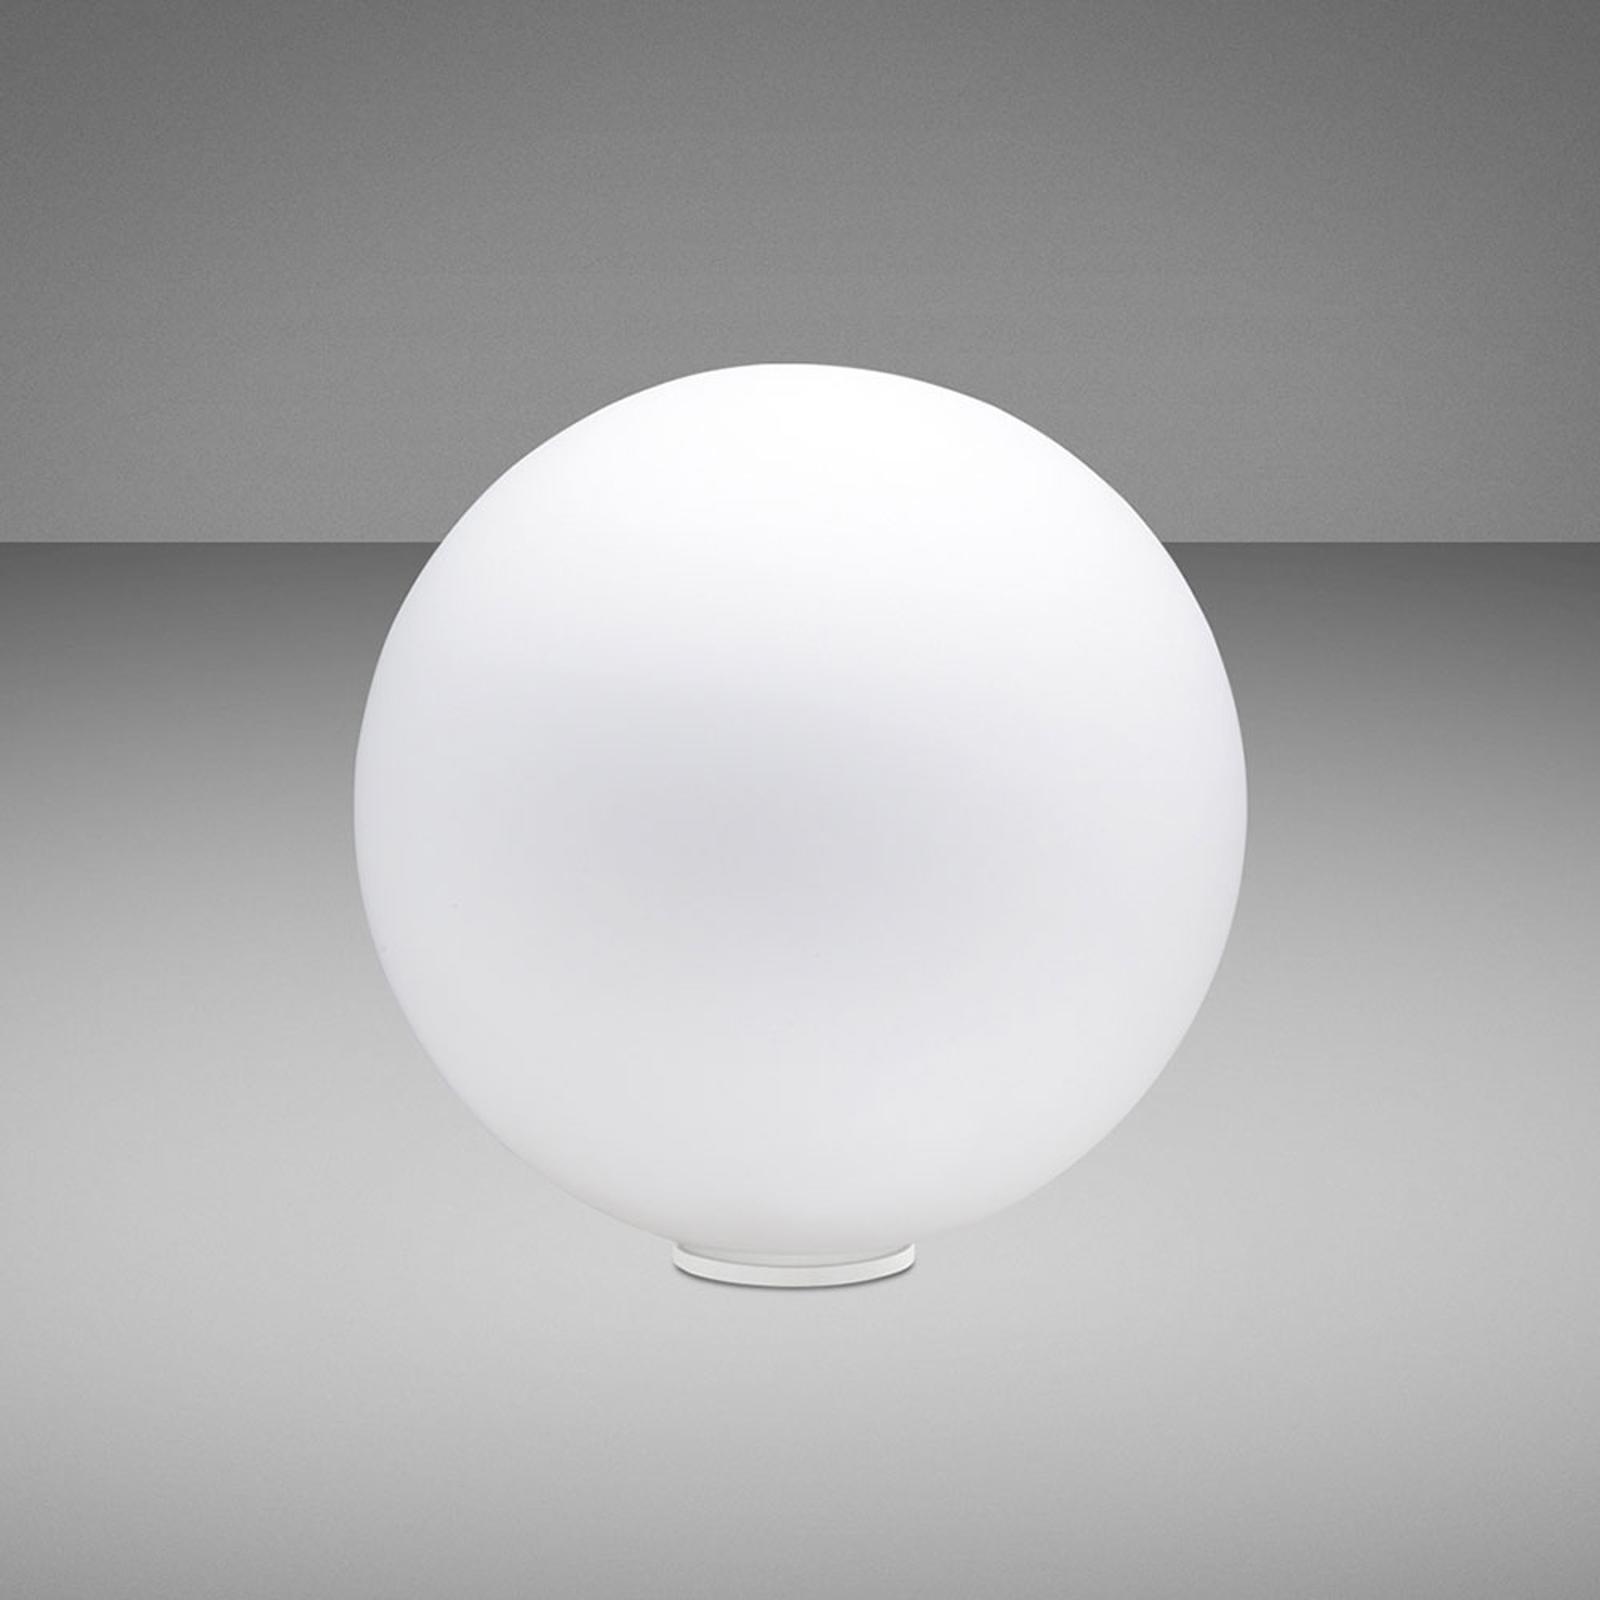 Fabbian Lumi Sfera tafellamp, liggend, Ø 20 cm